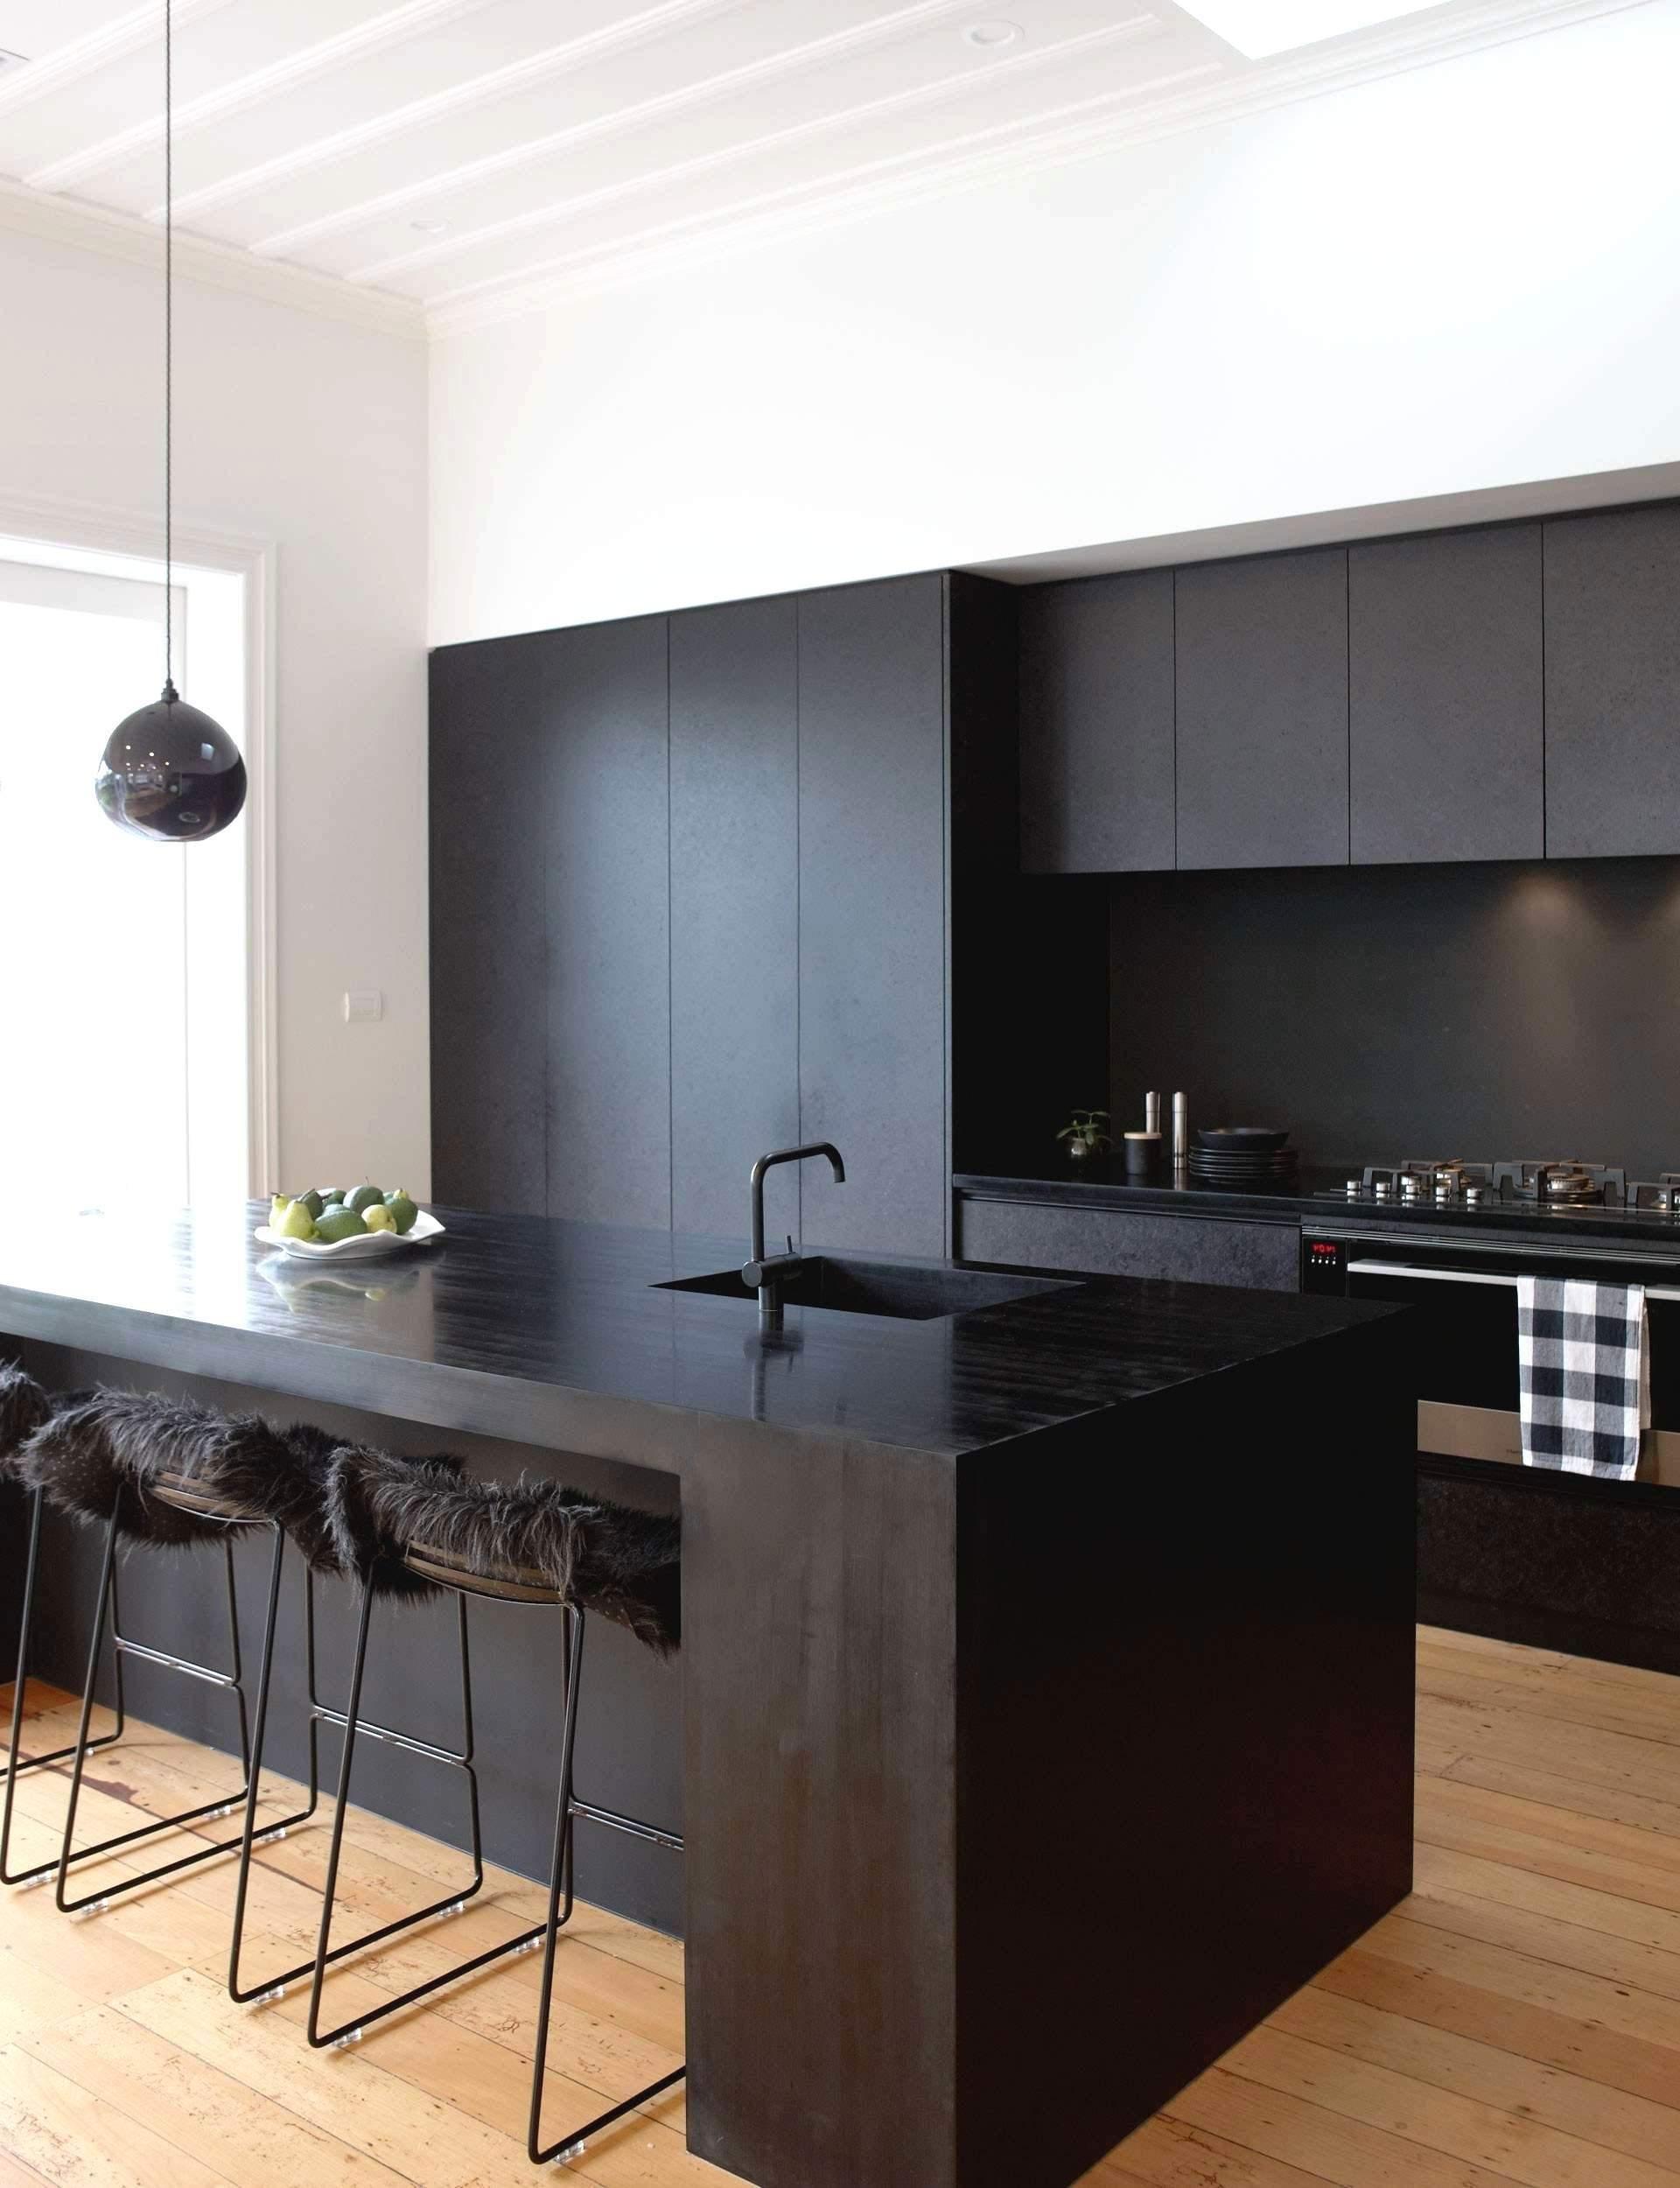 das wohnzimmer wiesbaden reizend wohnzimmer skandinavisch design was solltest du tun of das wohnzimmer wiesbaden